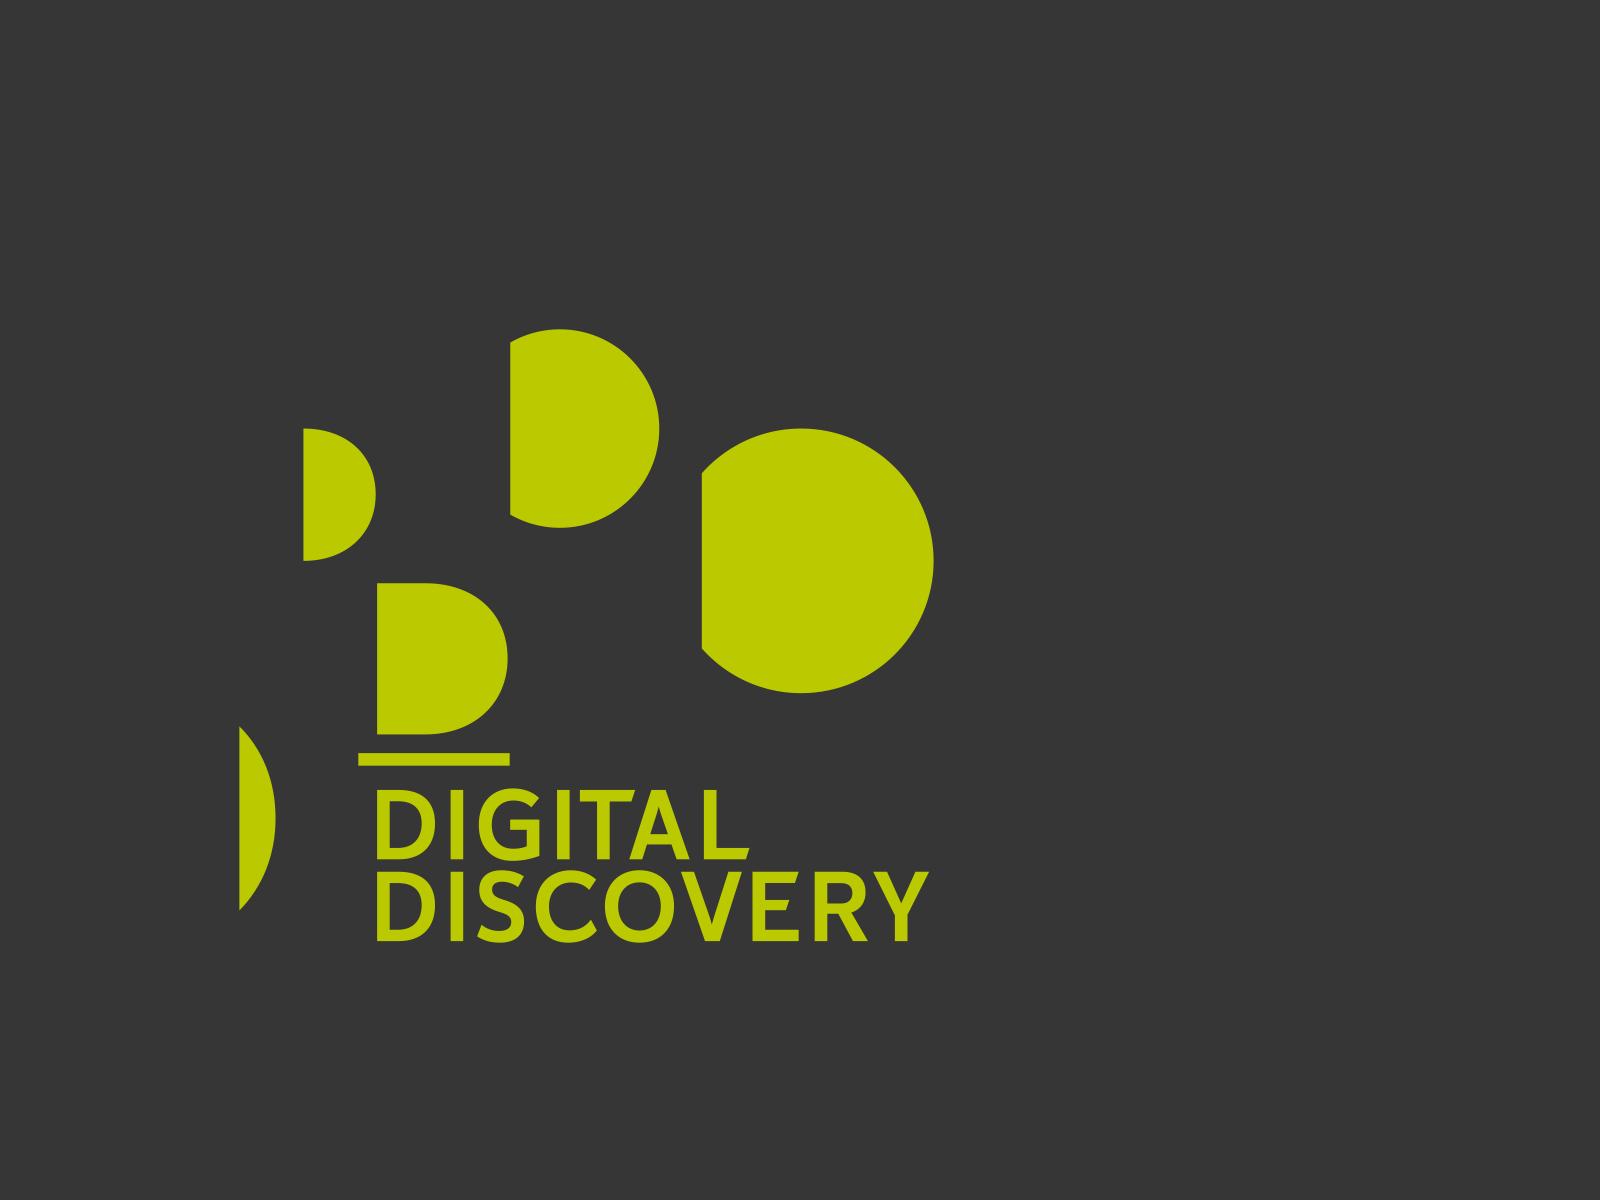 didi-trademark-03-dark